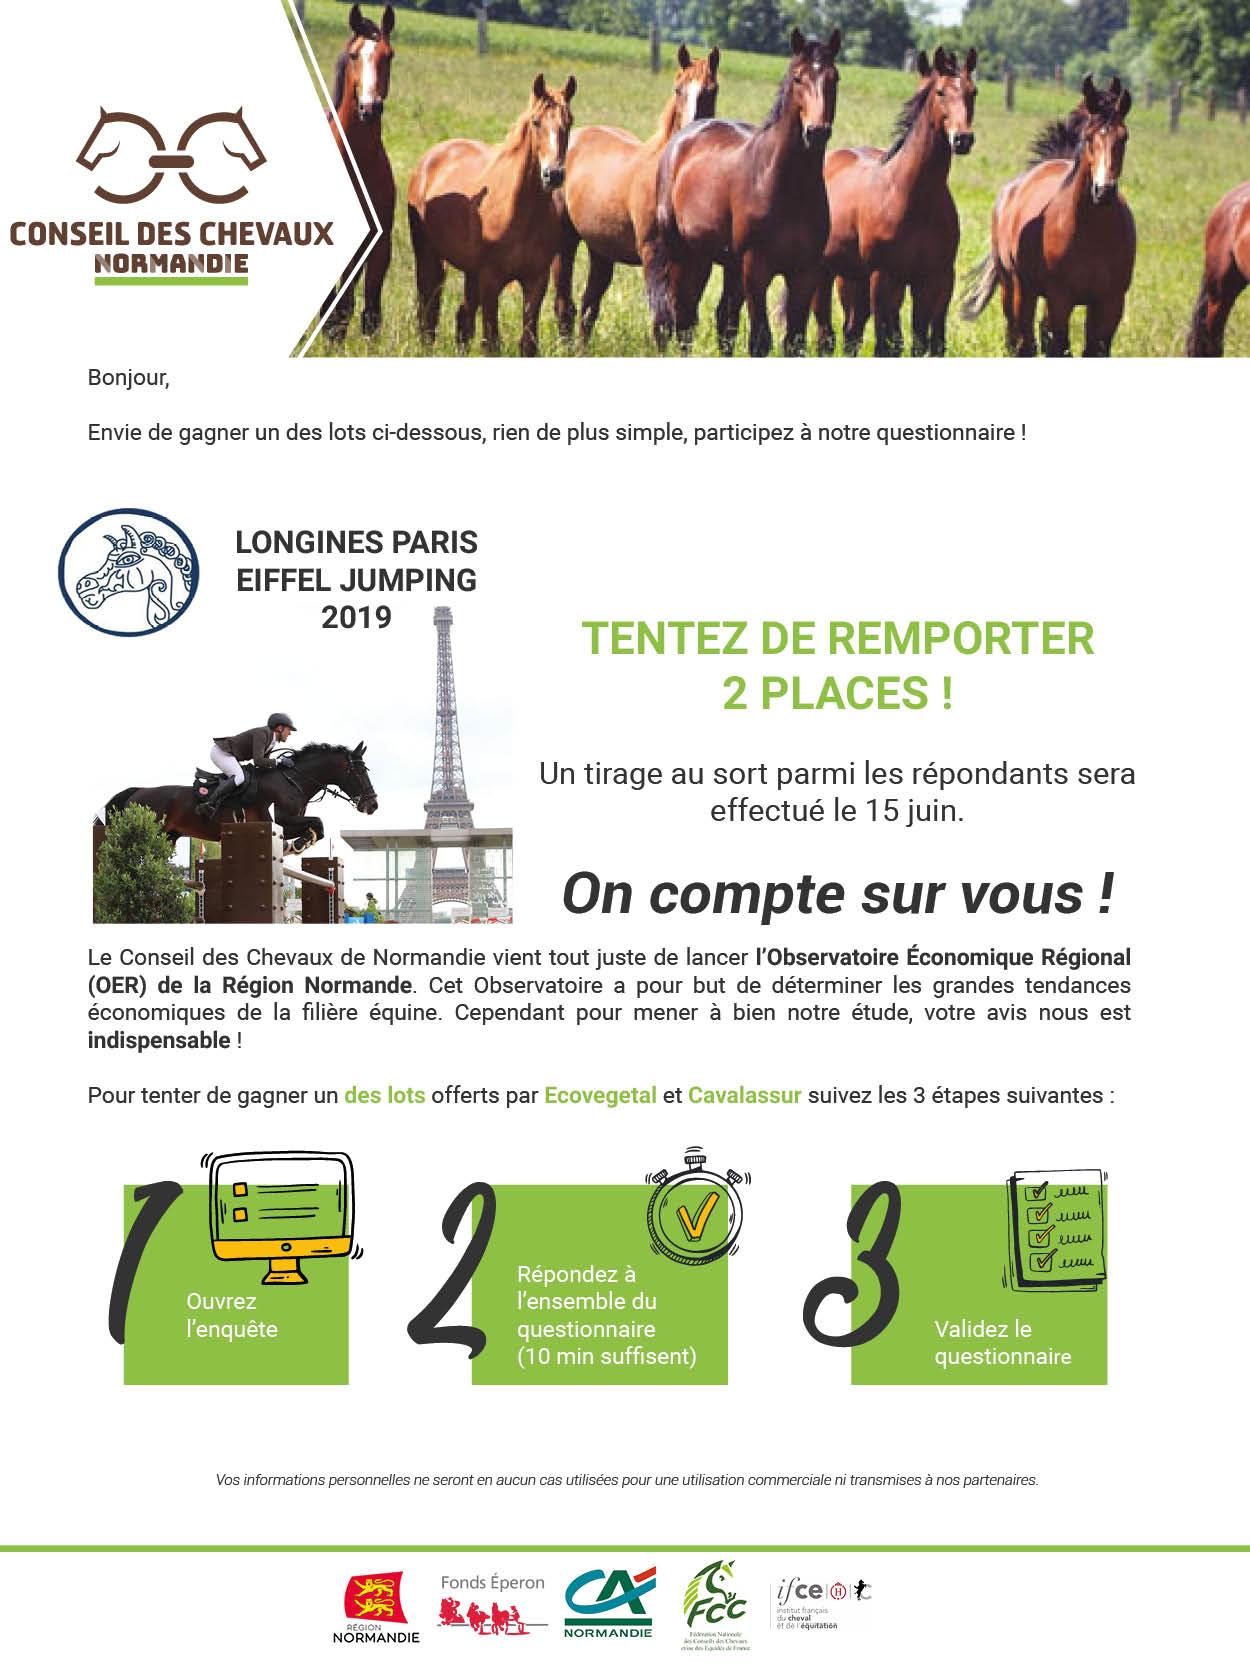 http://enquete.federationconseilchevaux.fr/